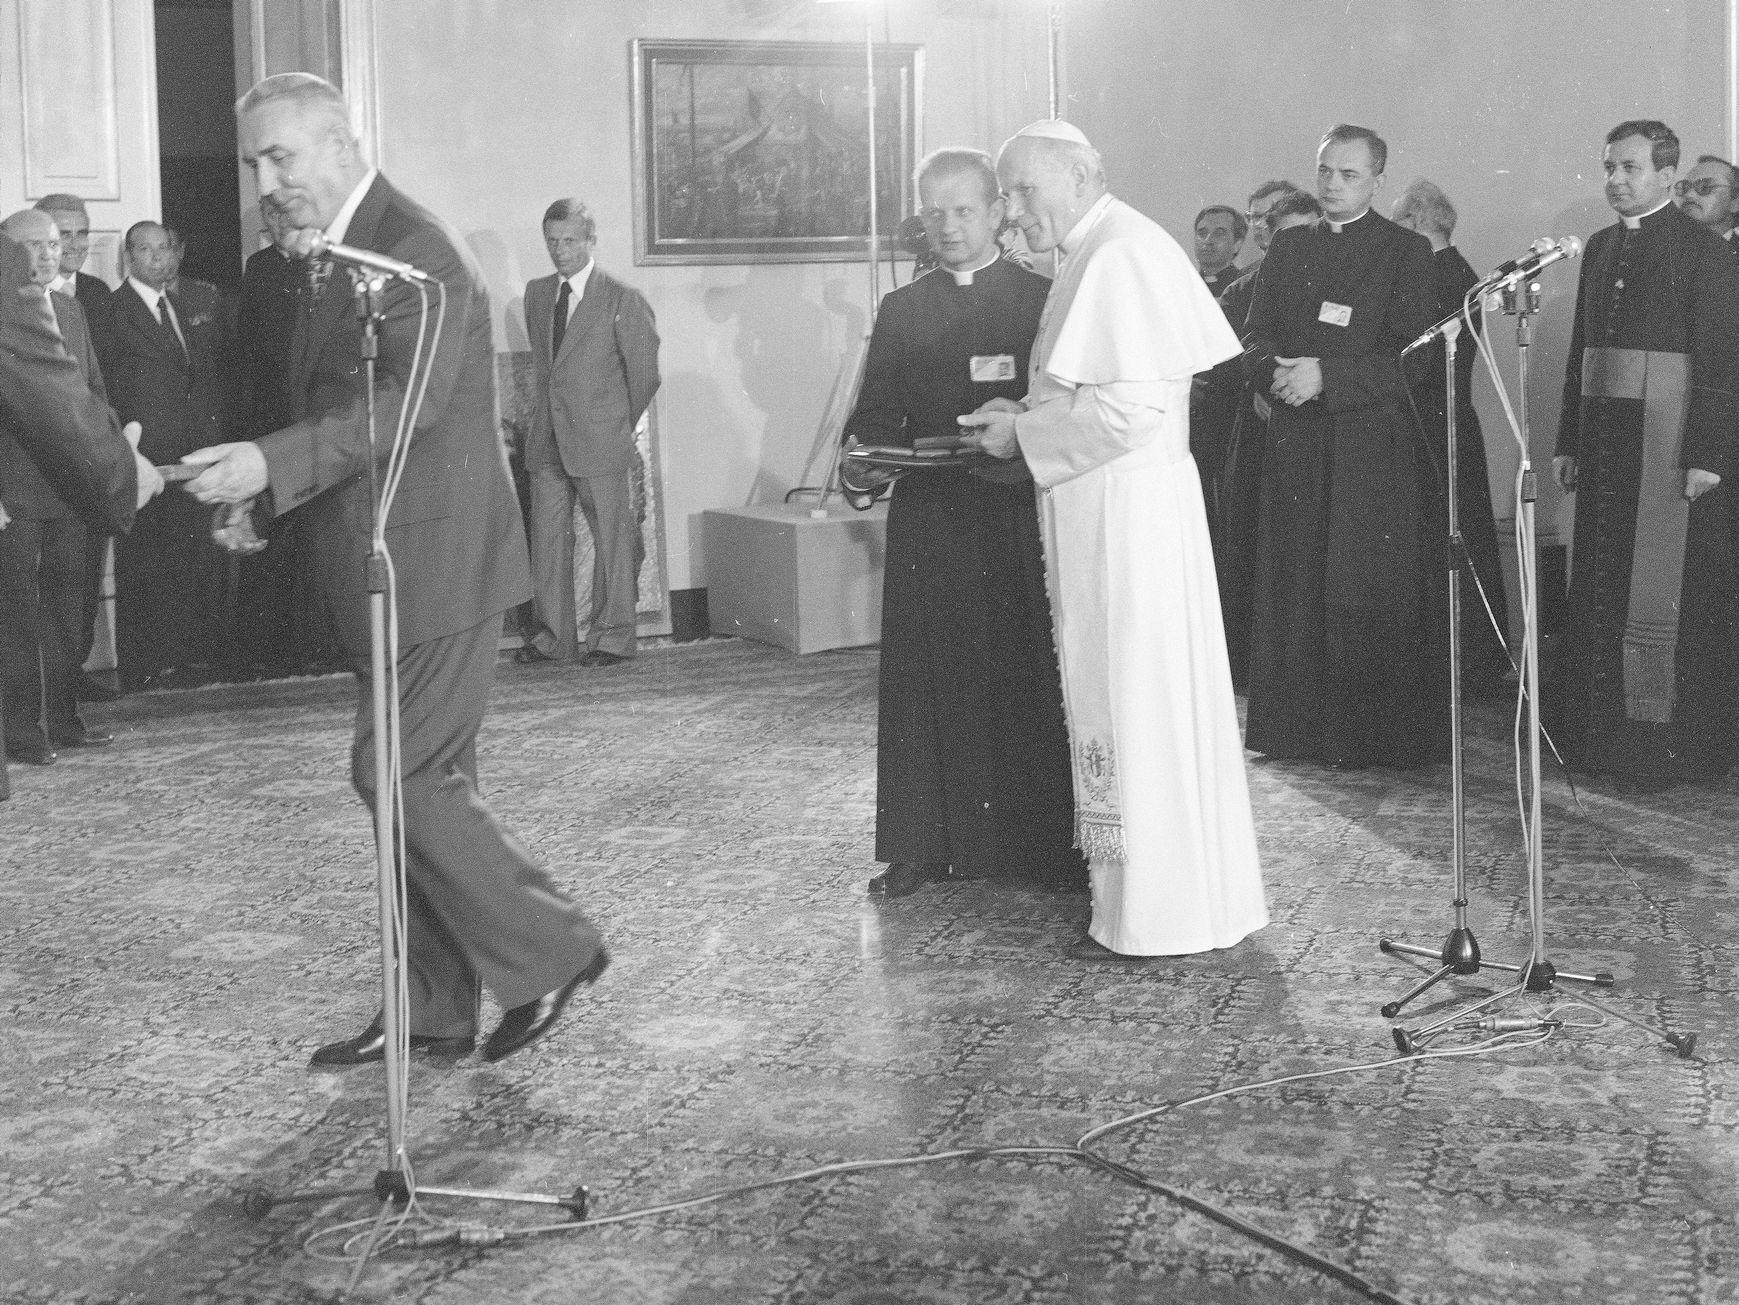 Jan Paweł II i ks. Stanisław Dziwisz podczas spotkania z Edwardem Gierkiem i władzami PRL